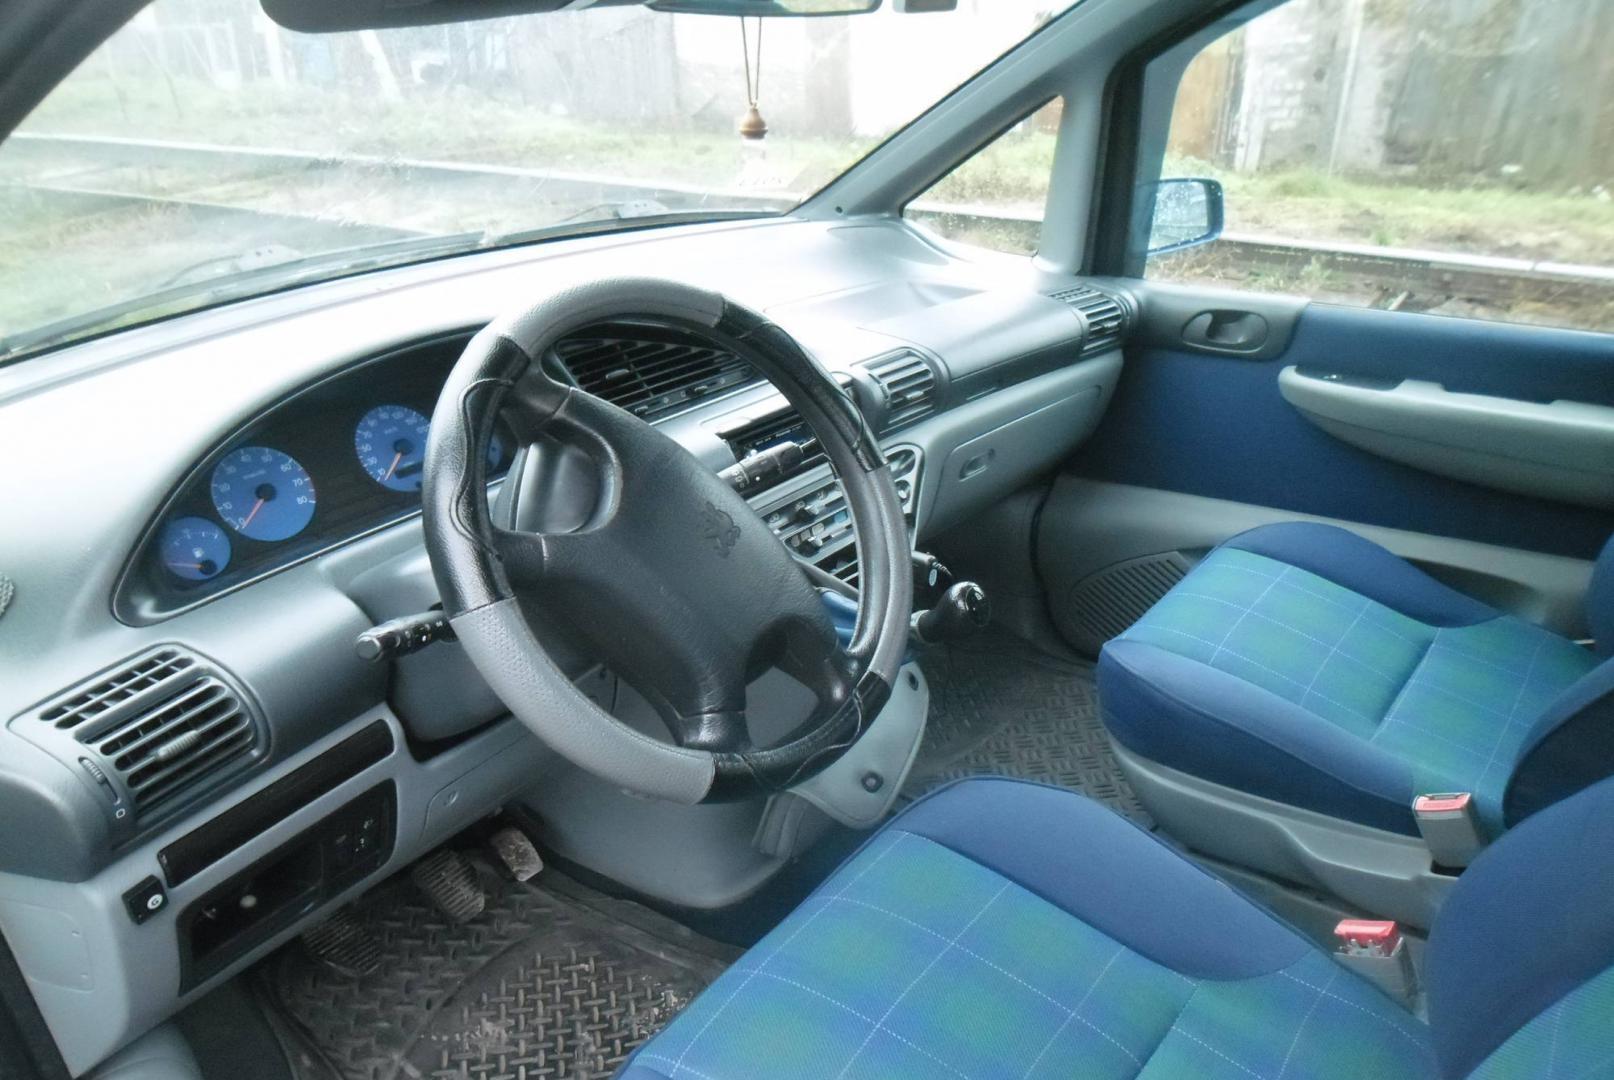 Peugeot 806 (221) 2.0 16V (136 Hp)